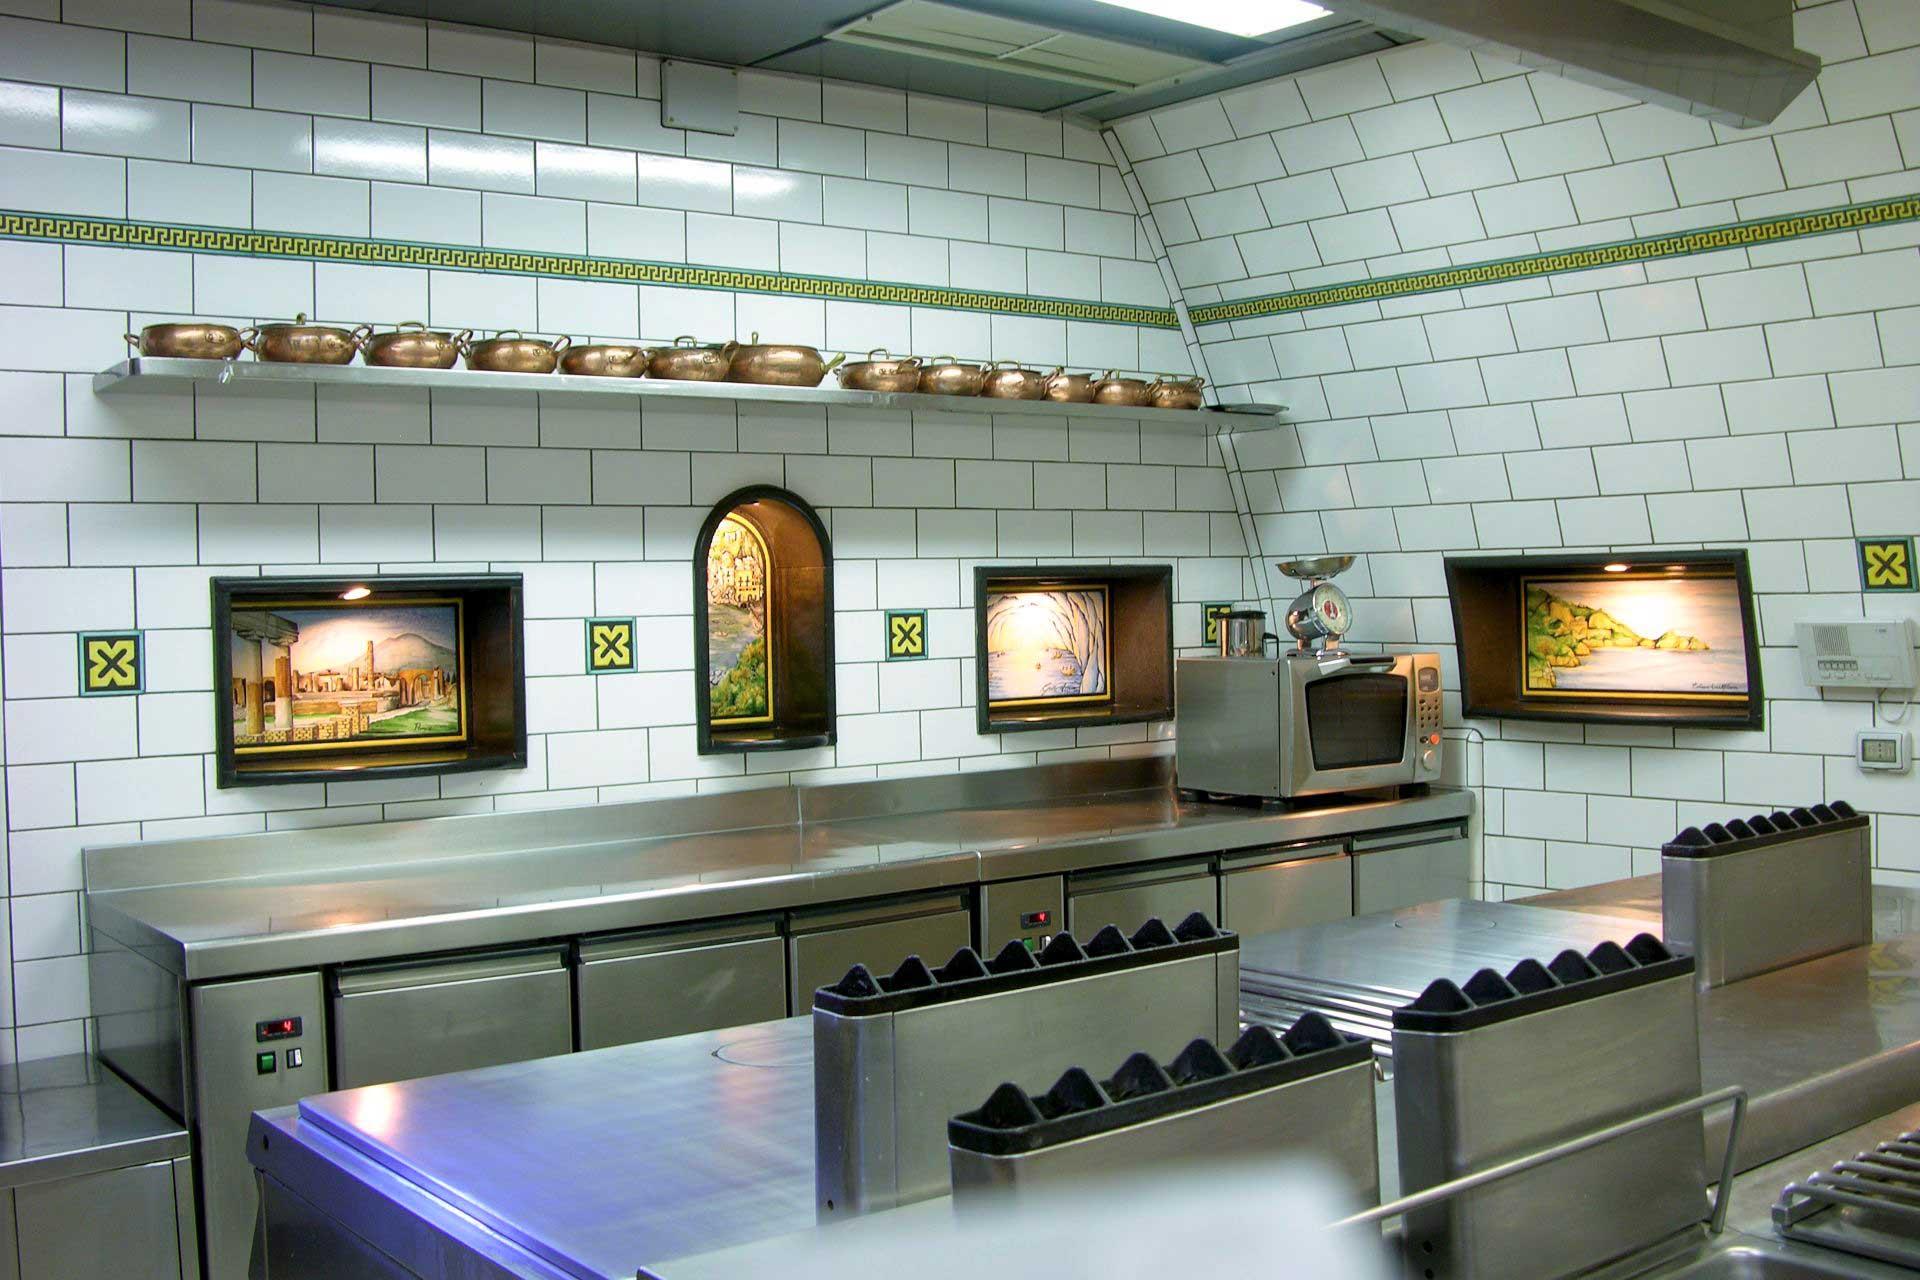 La Cucina  Ristorante LAntica Trattoria in Sorrento